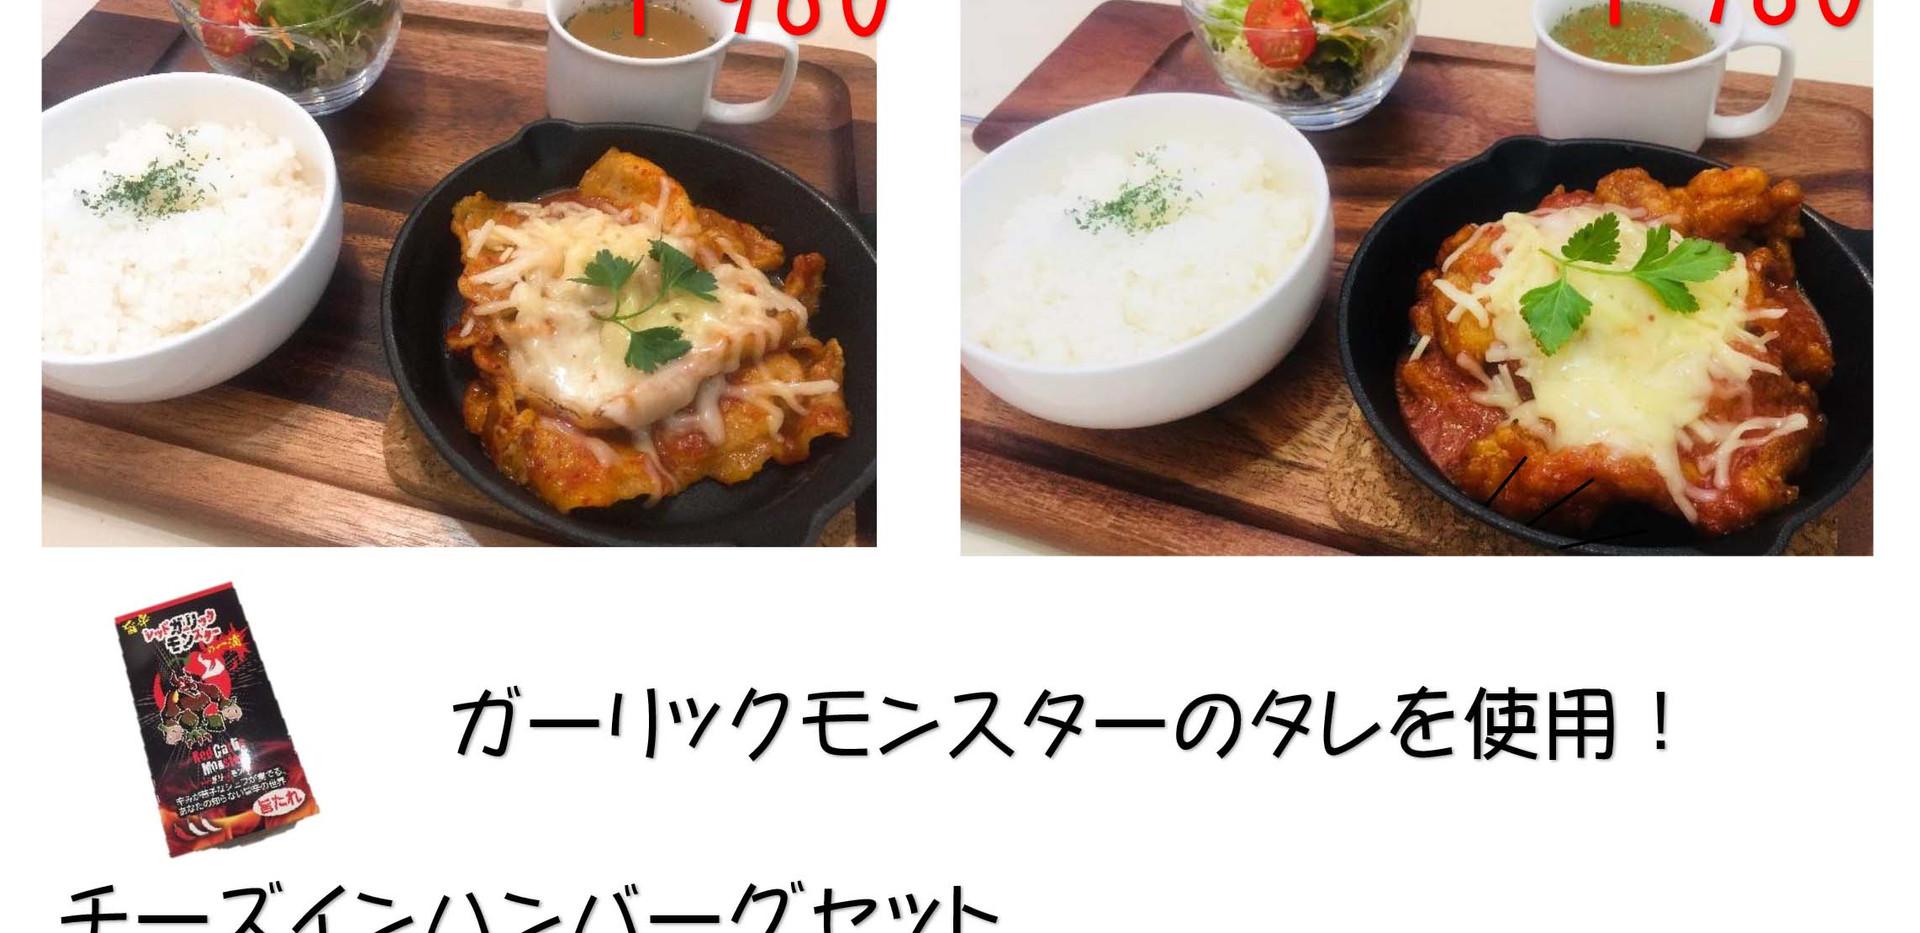 小名浜かんらくヤCaféメニュー-5.jpg